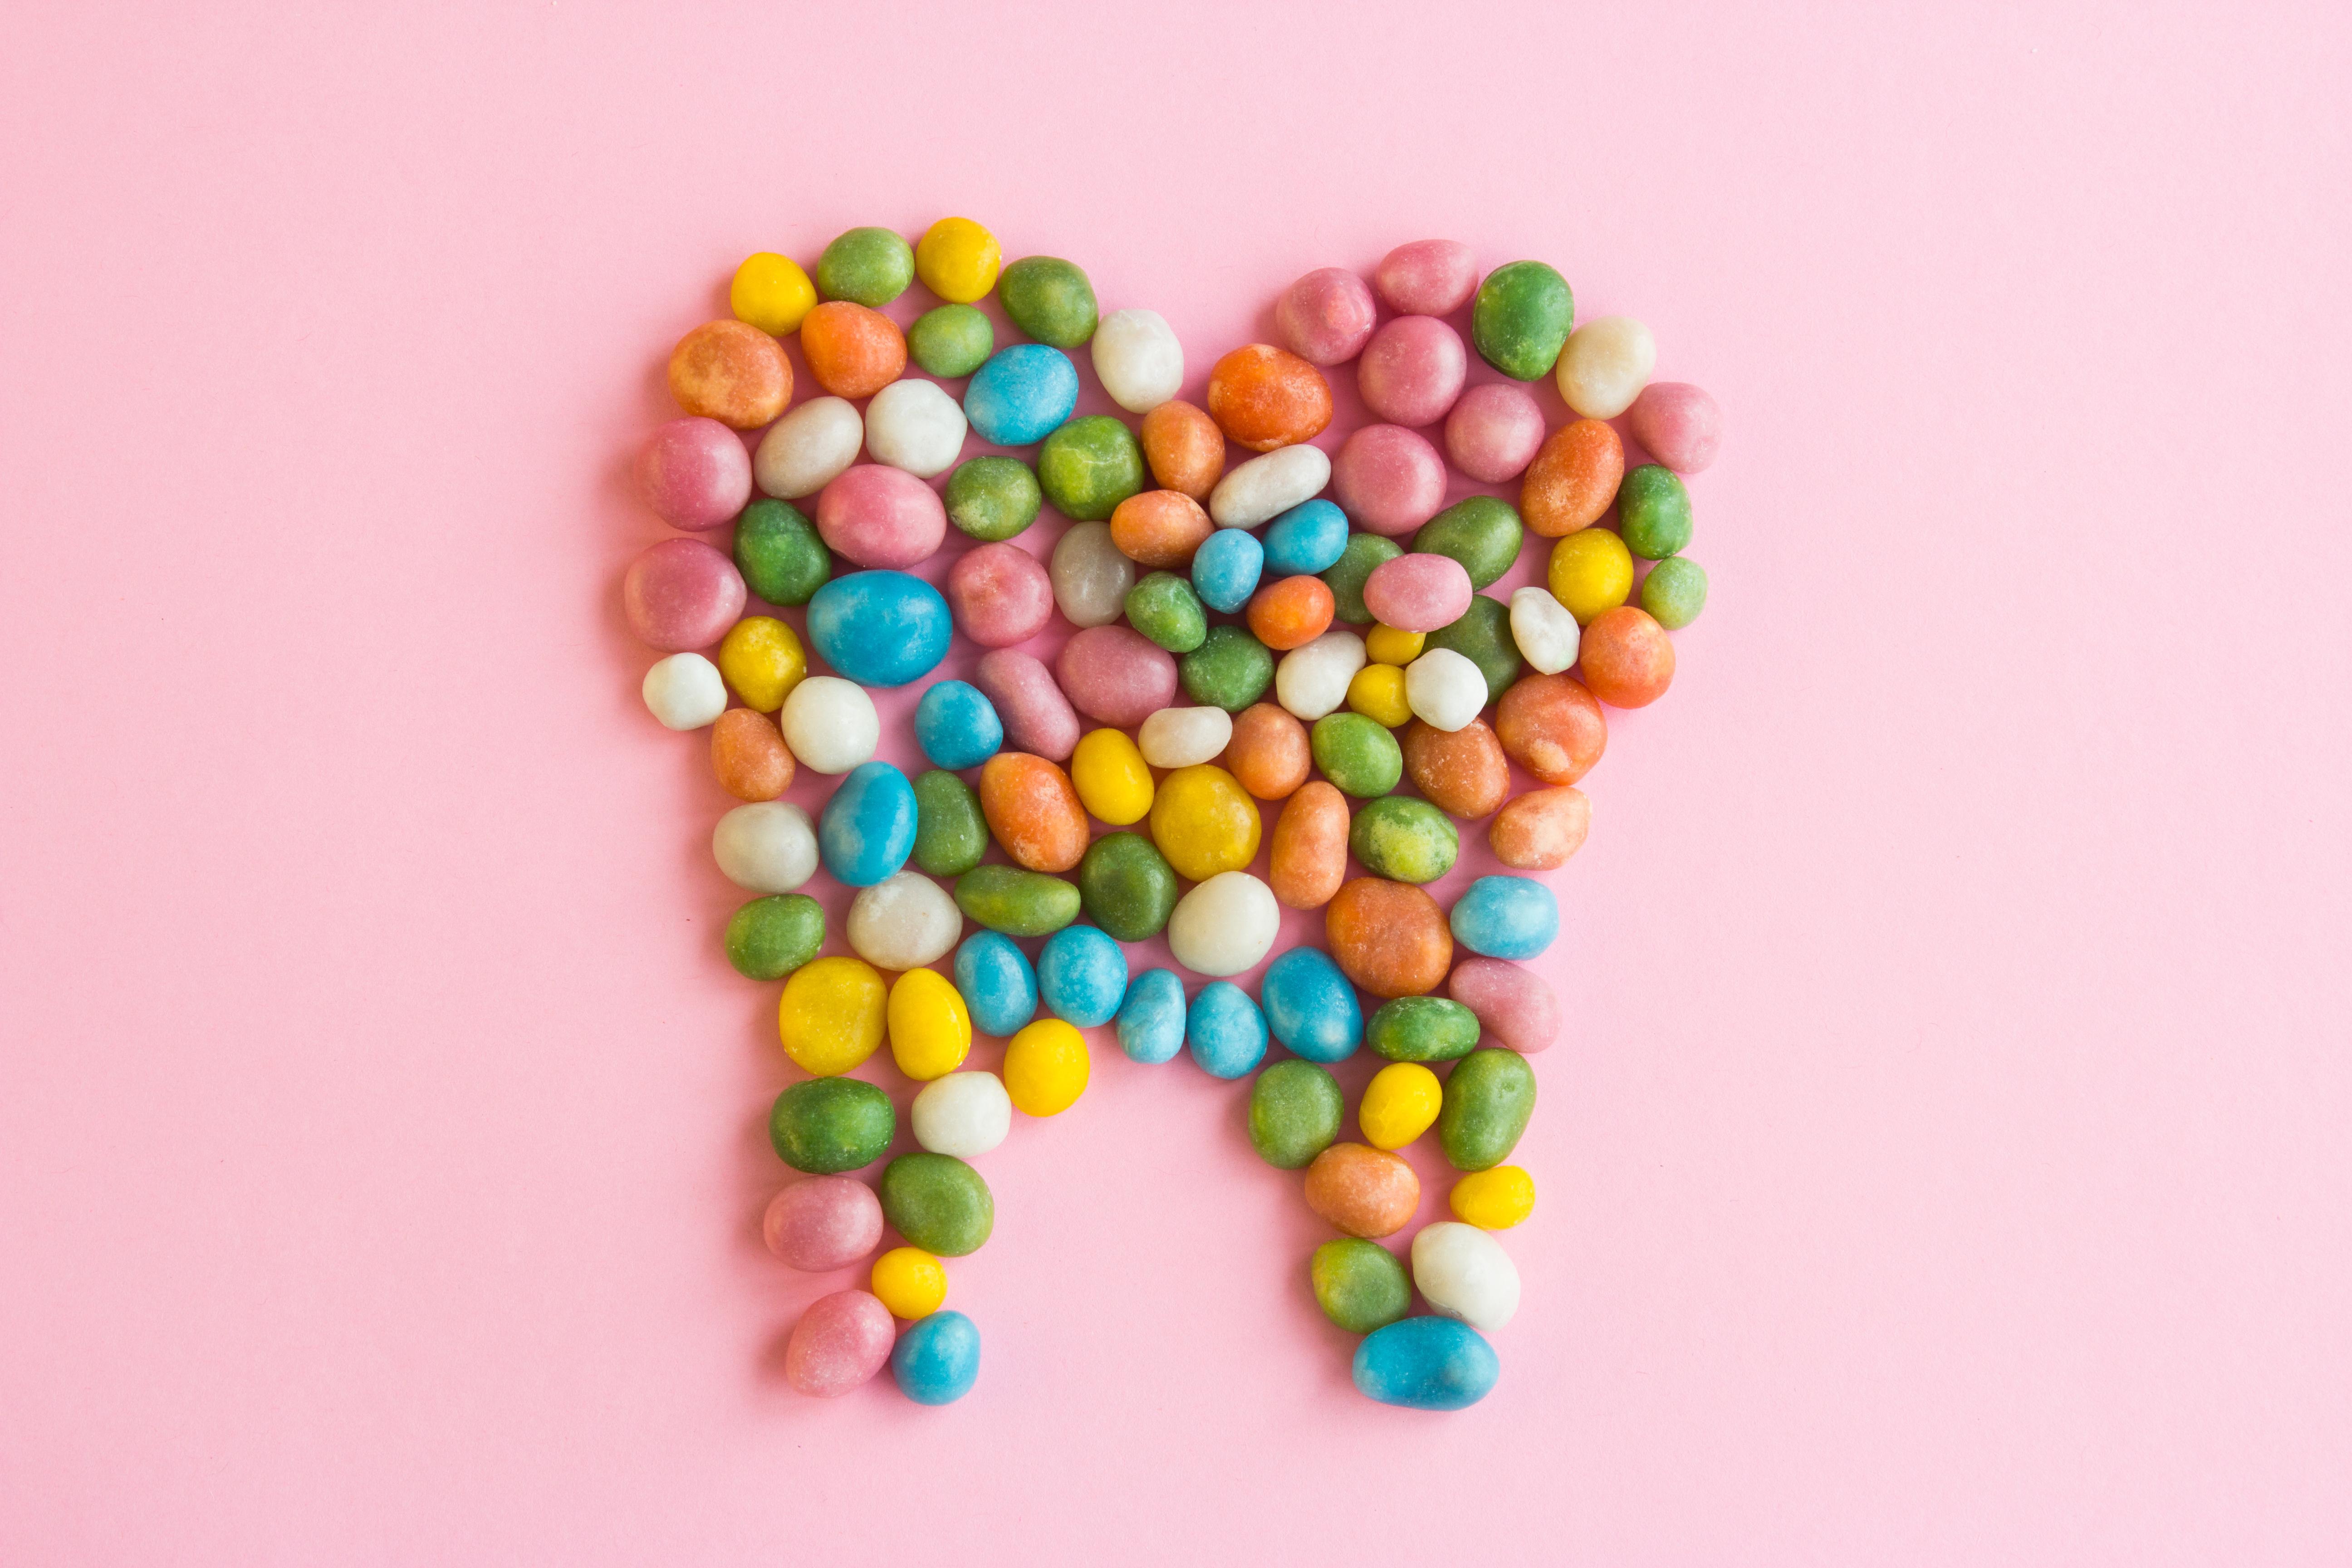 Analysera vid vilka tillfällen sockerbehovet uppstår och hur mycket socker du får i dig samt hur det påverkar måendet.